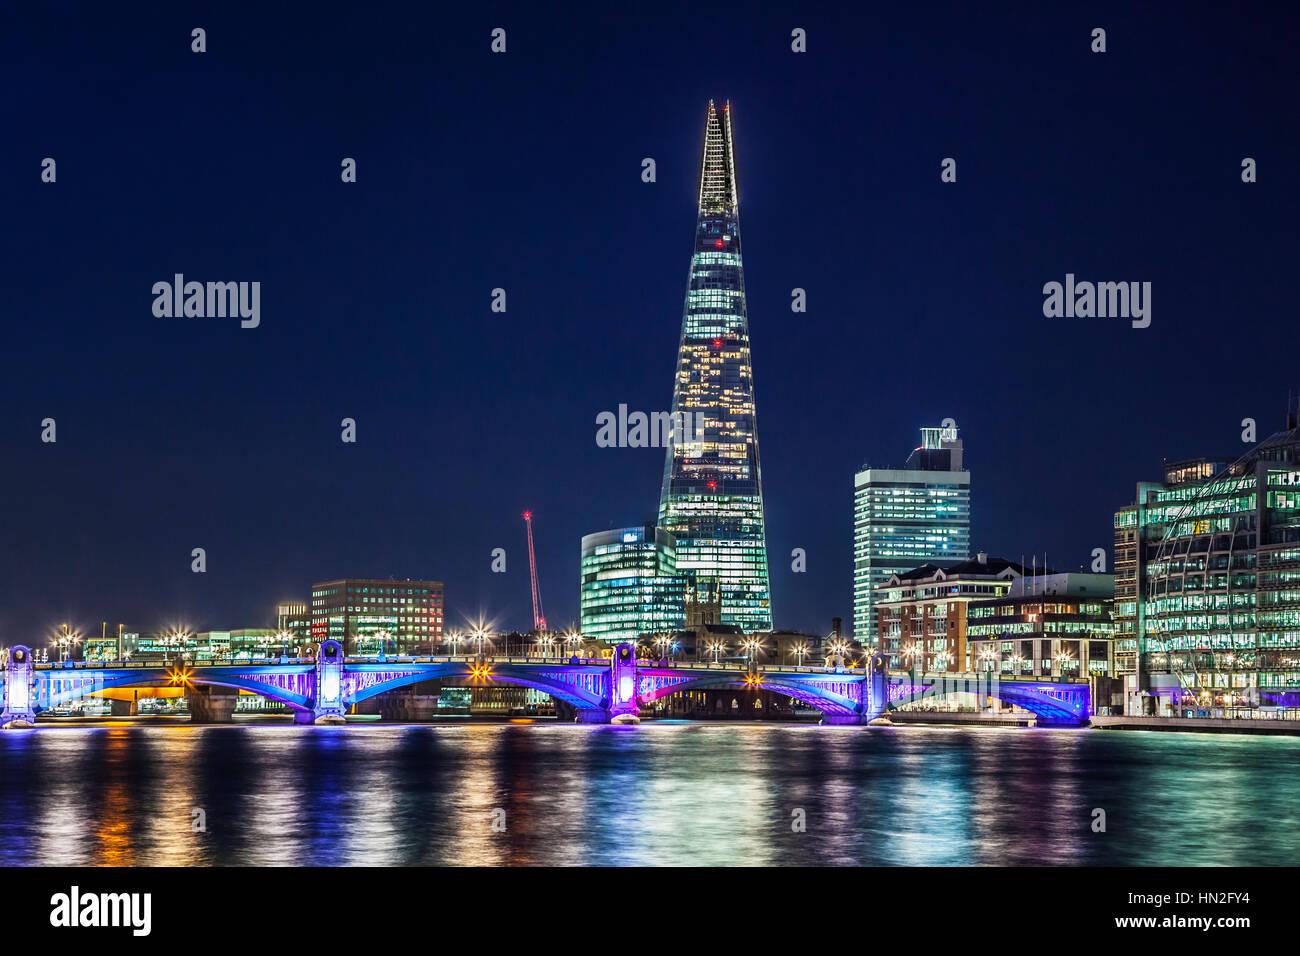 Sur la Tamise à Southwark Bridge et le Fragment de nuit. Photo Stock